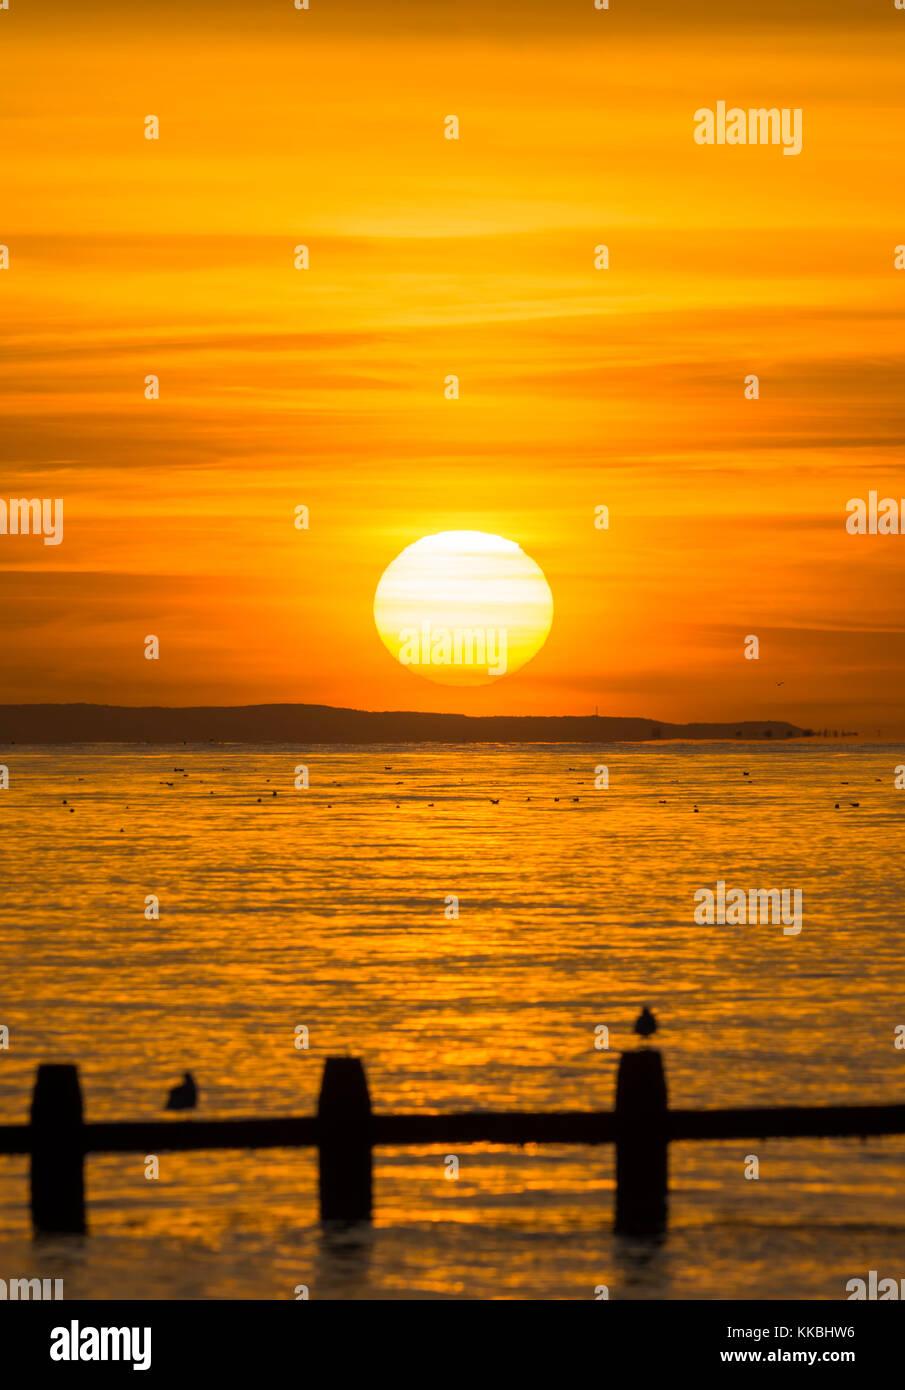 Coucher de soleil sur la mer juste au-dessus de l'horizon, sur la côte sud du Royaume-Uni. Photo Stock